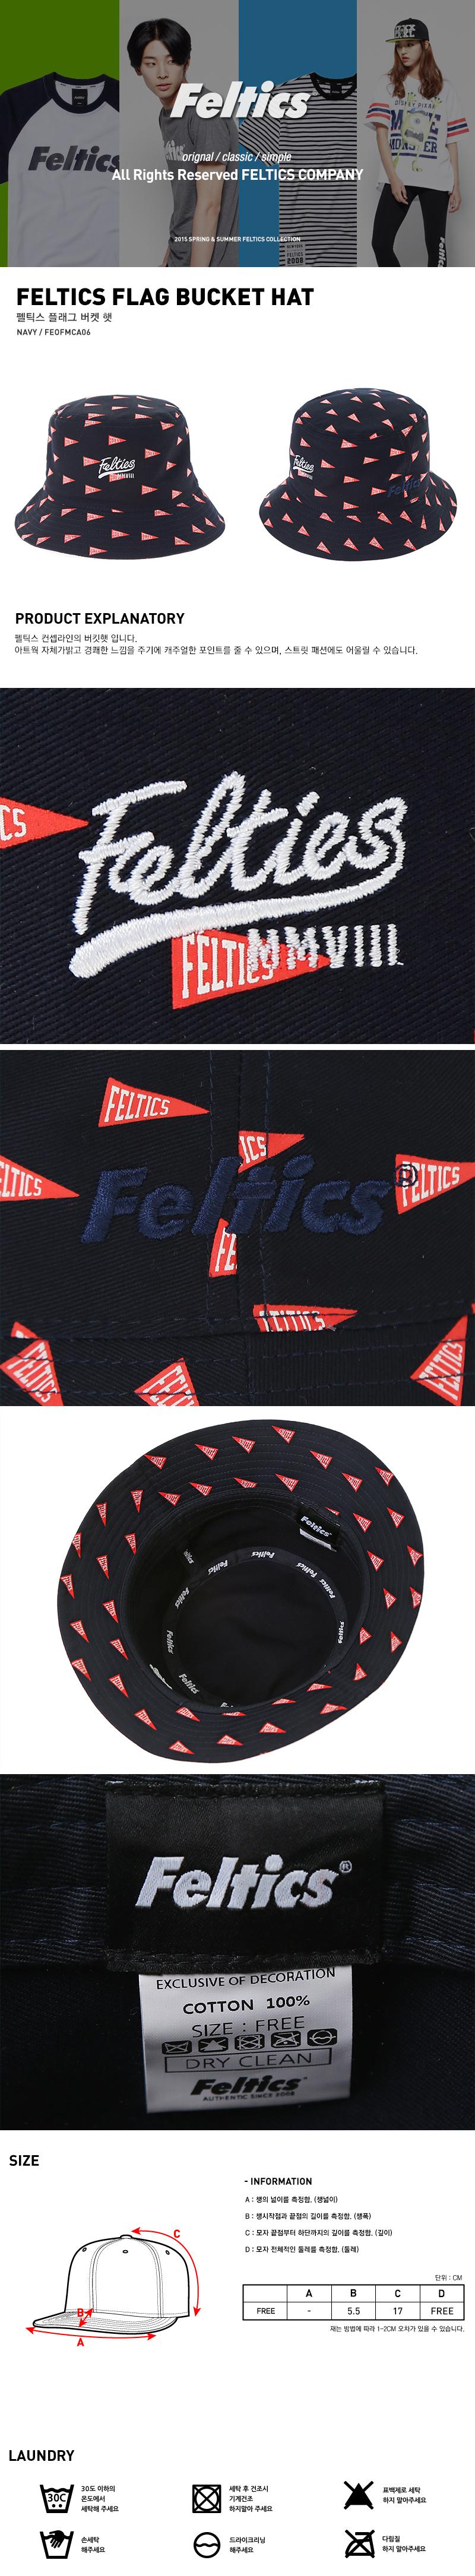 [ FELTICS ] [FELTICS] Flag Bucket Hat Navy (FEOFMCA06)